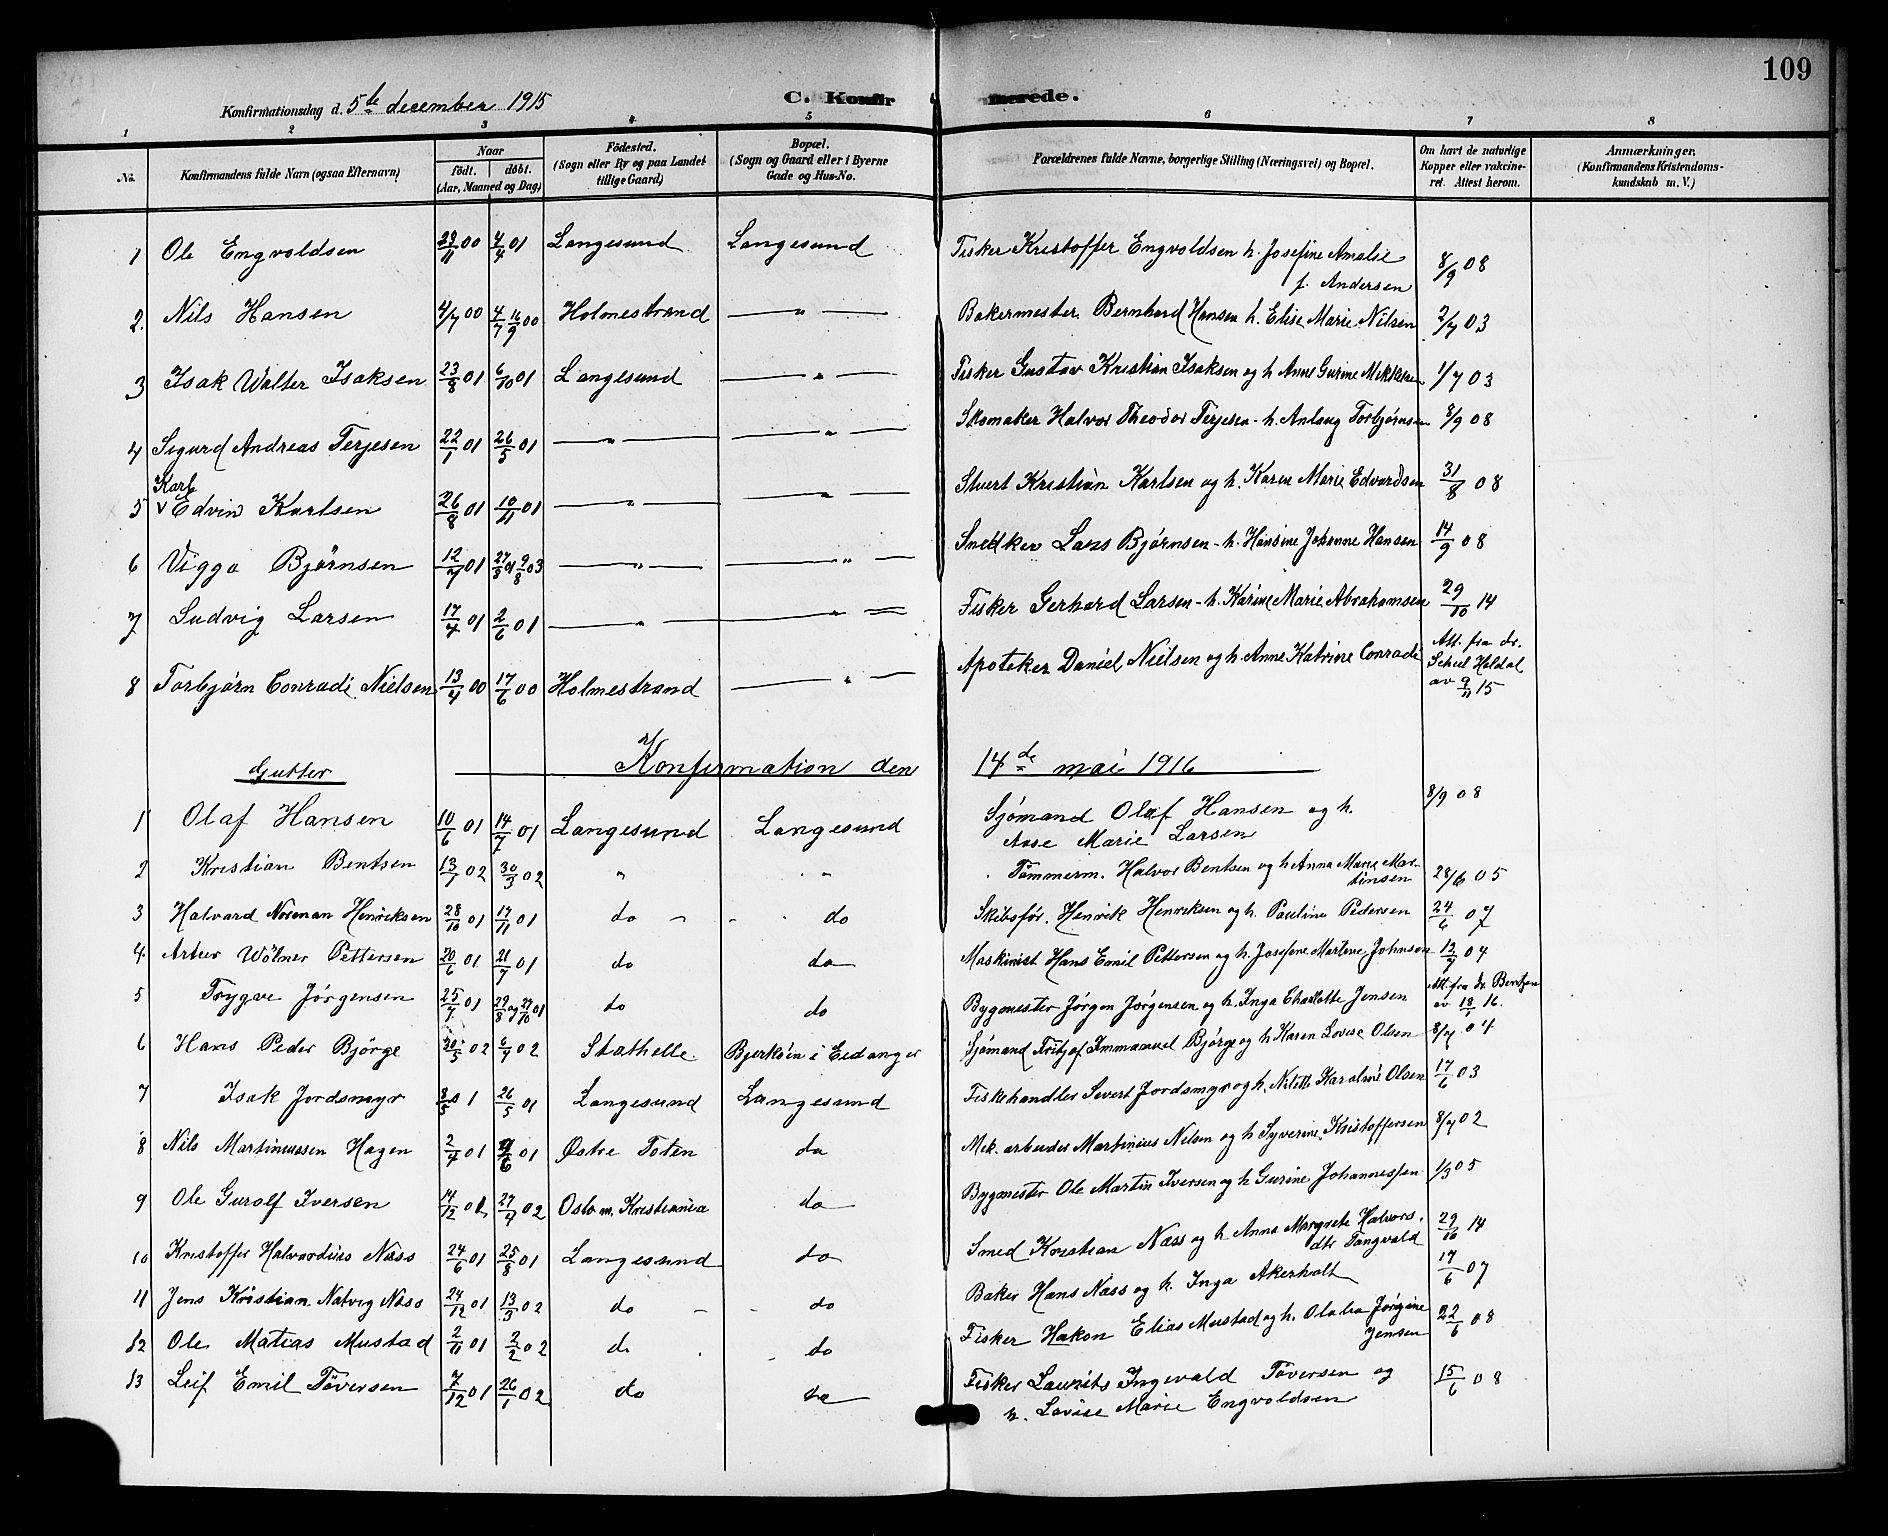 SAKO, Langesund kirkebøker, G/Ga/L0006: Klokkerbok nr. 6, 1899-1918, s. 109